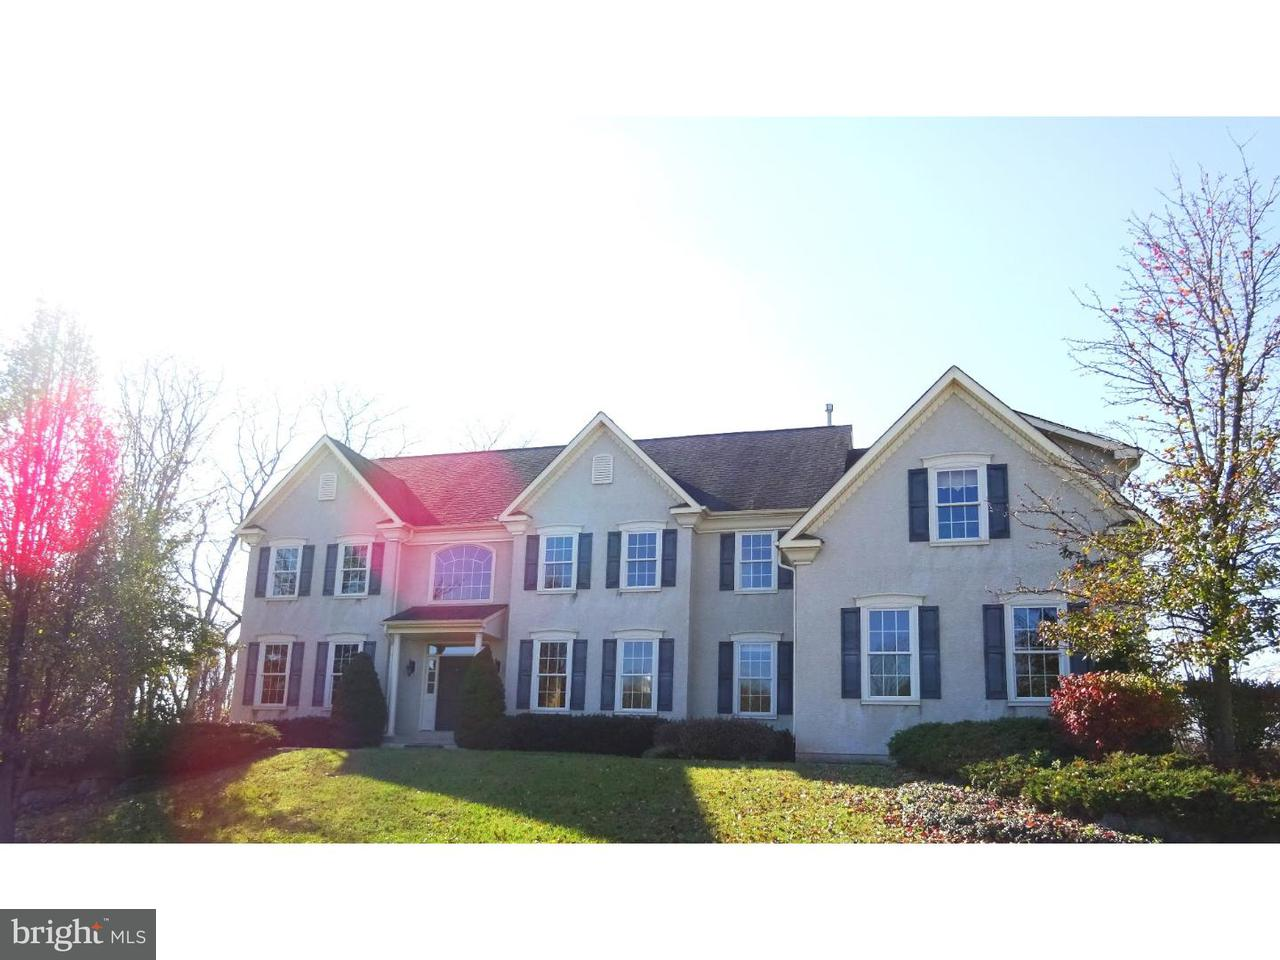 Частный односемейный дом для того Продажа на 16 LEAF CREEK Court Douglassville, Пенсильвания 19518 Соединенные Штаты